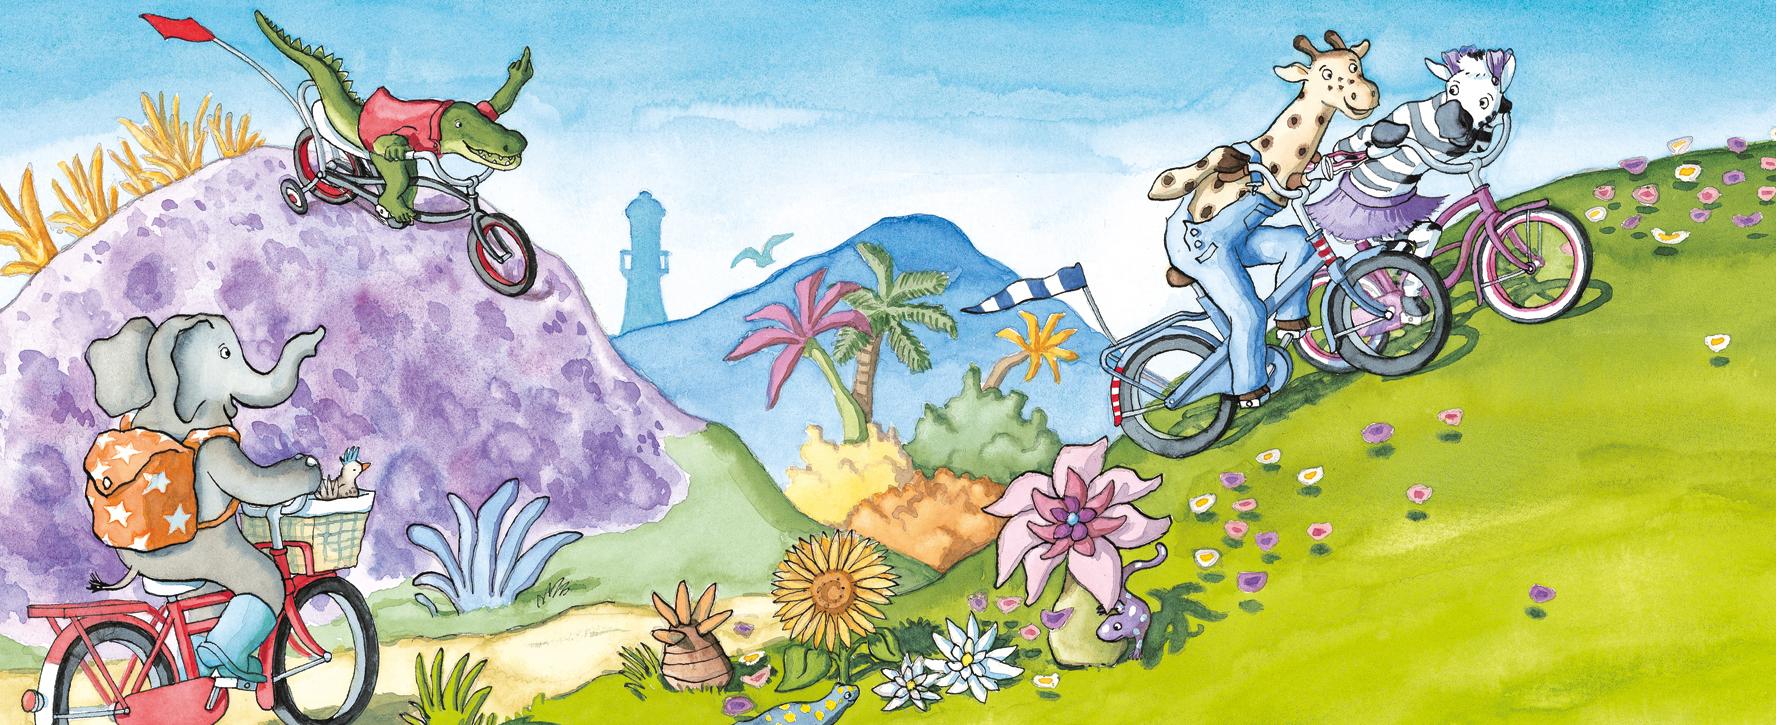 De vier vrienden fietsen over het eiland